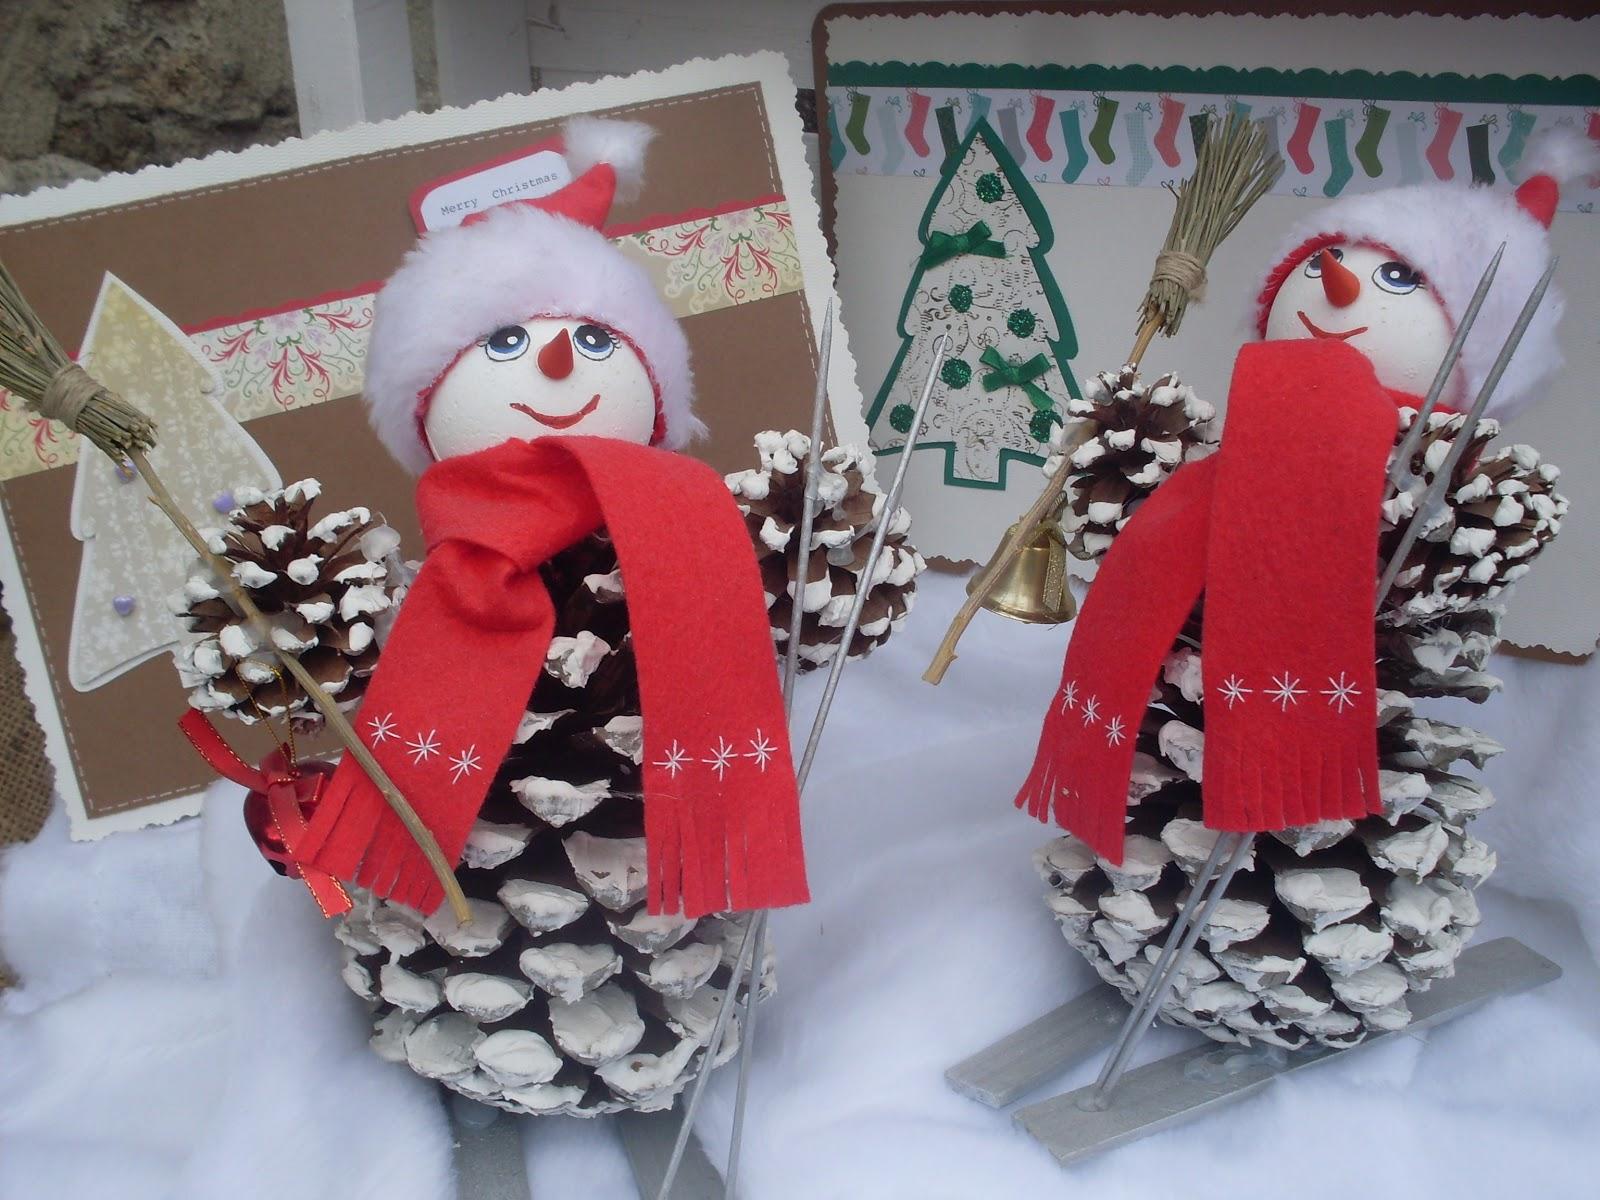 Los detalles de macu mu ecos de nieve con pi as - Adornos de navidad hechos con pinas ...